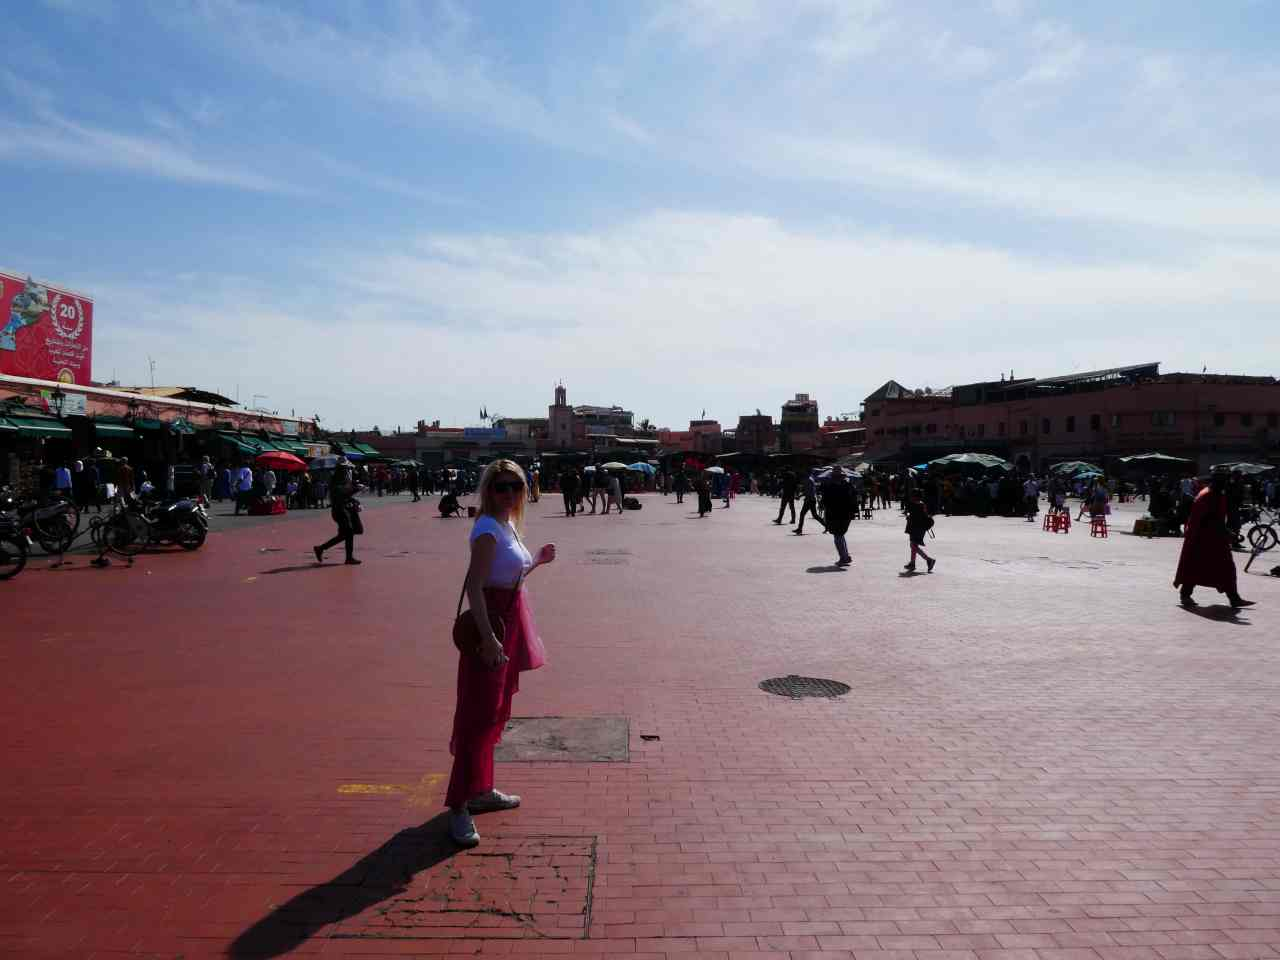 Marrakech main square